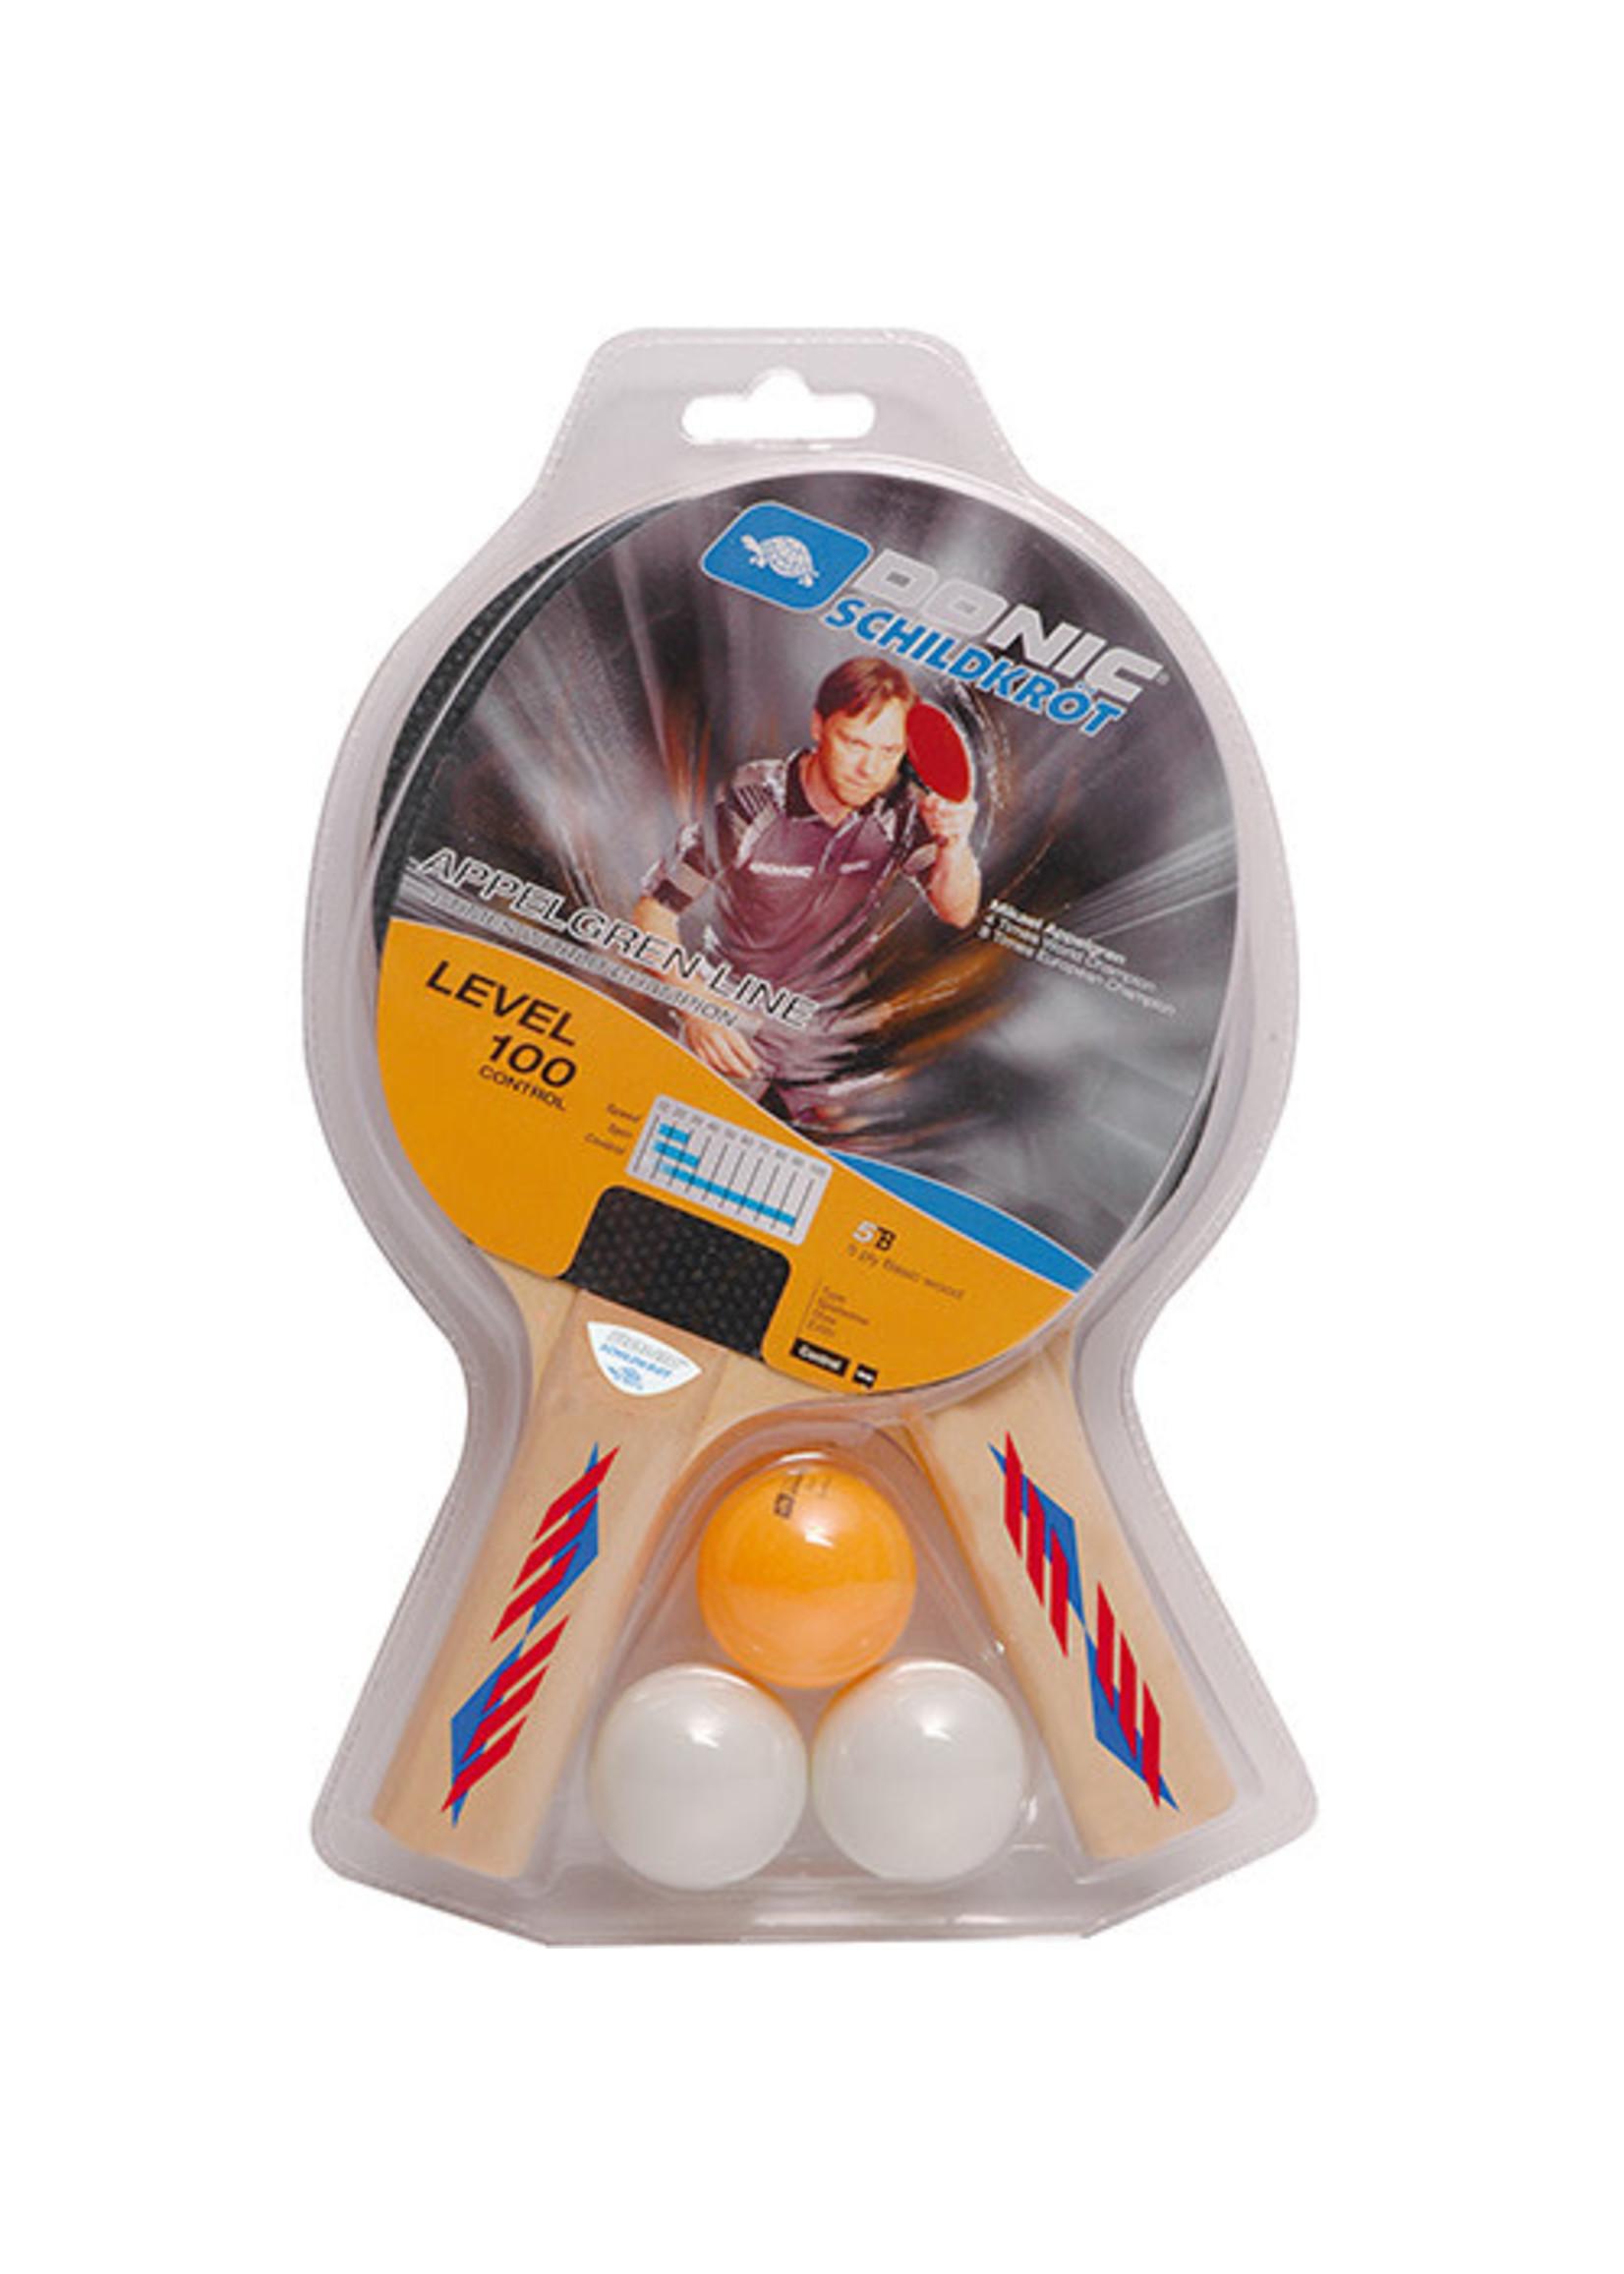 Donic Schildkrot Donic Schildkrot Table Tennis Set